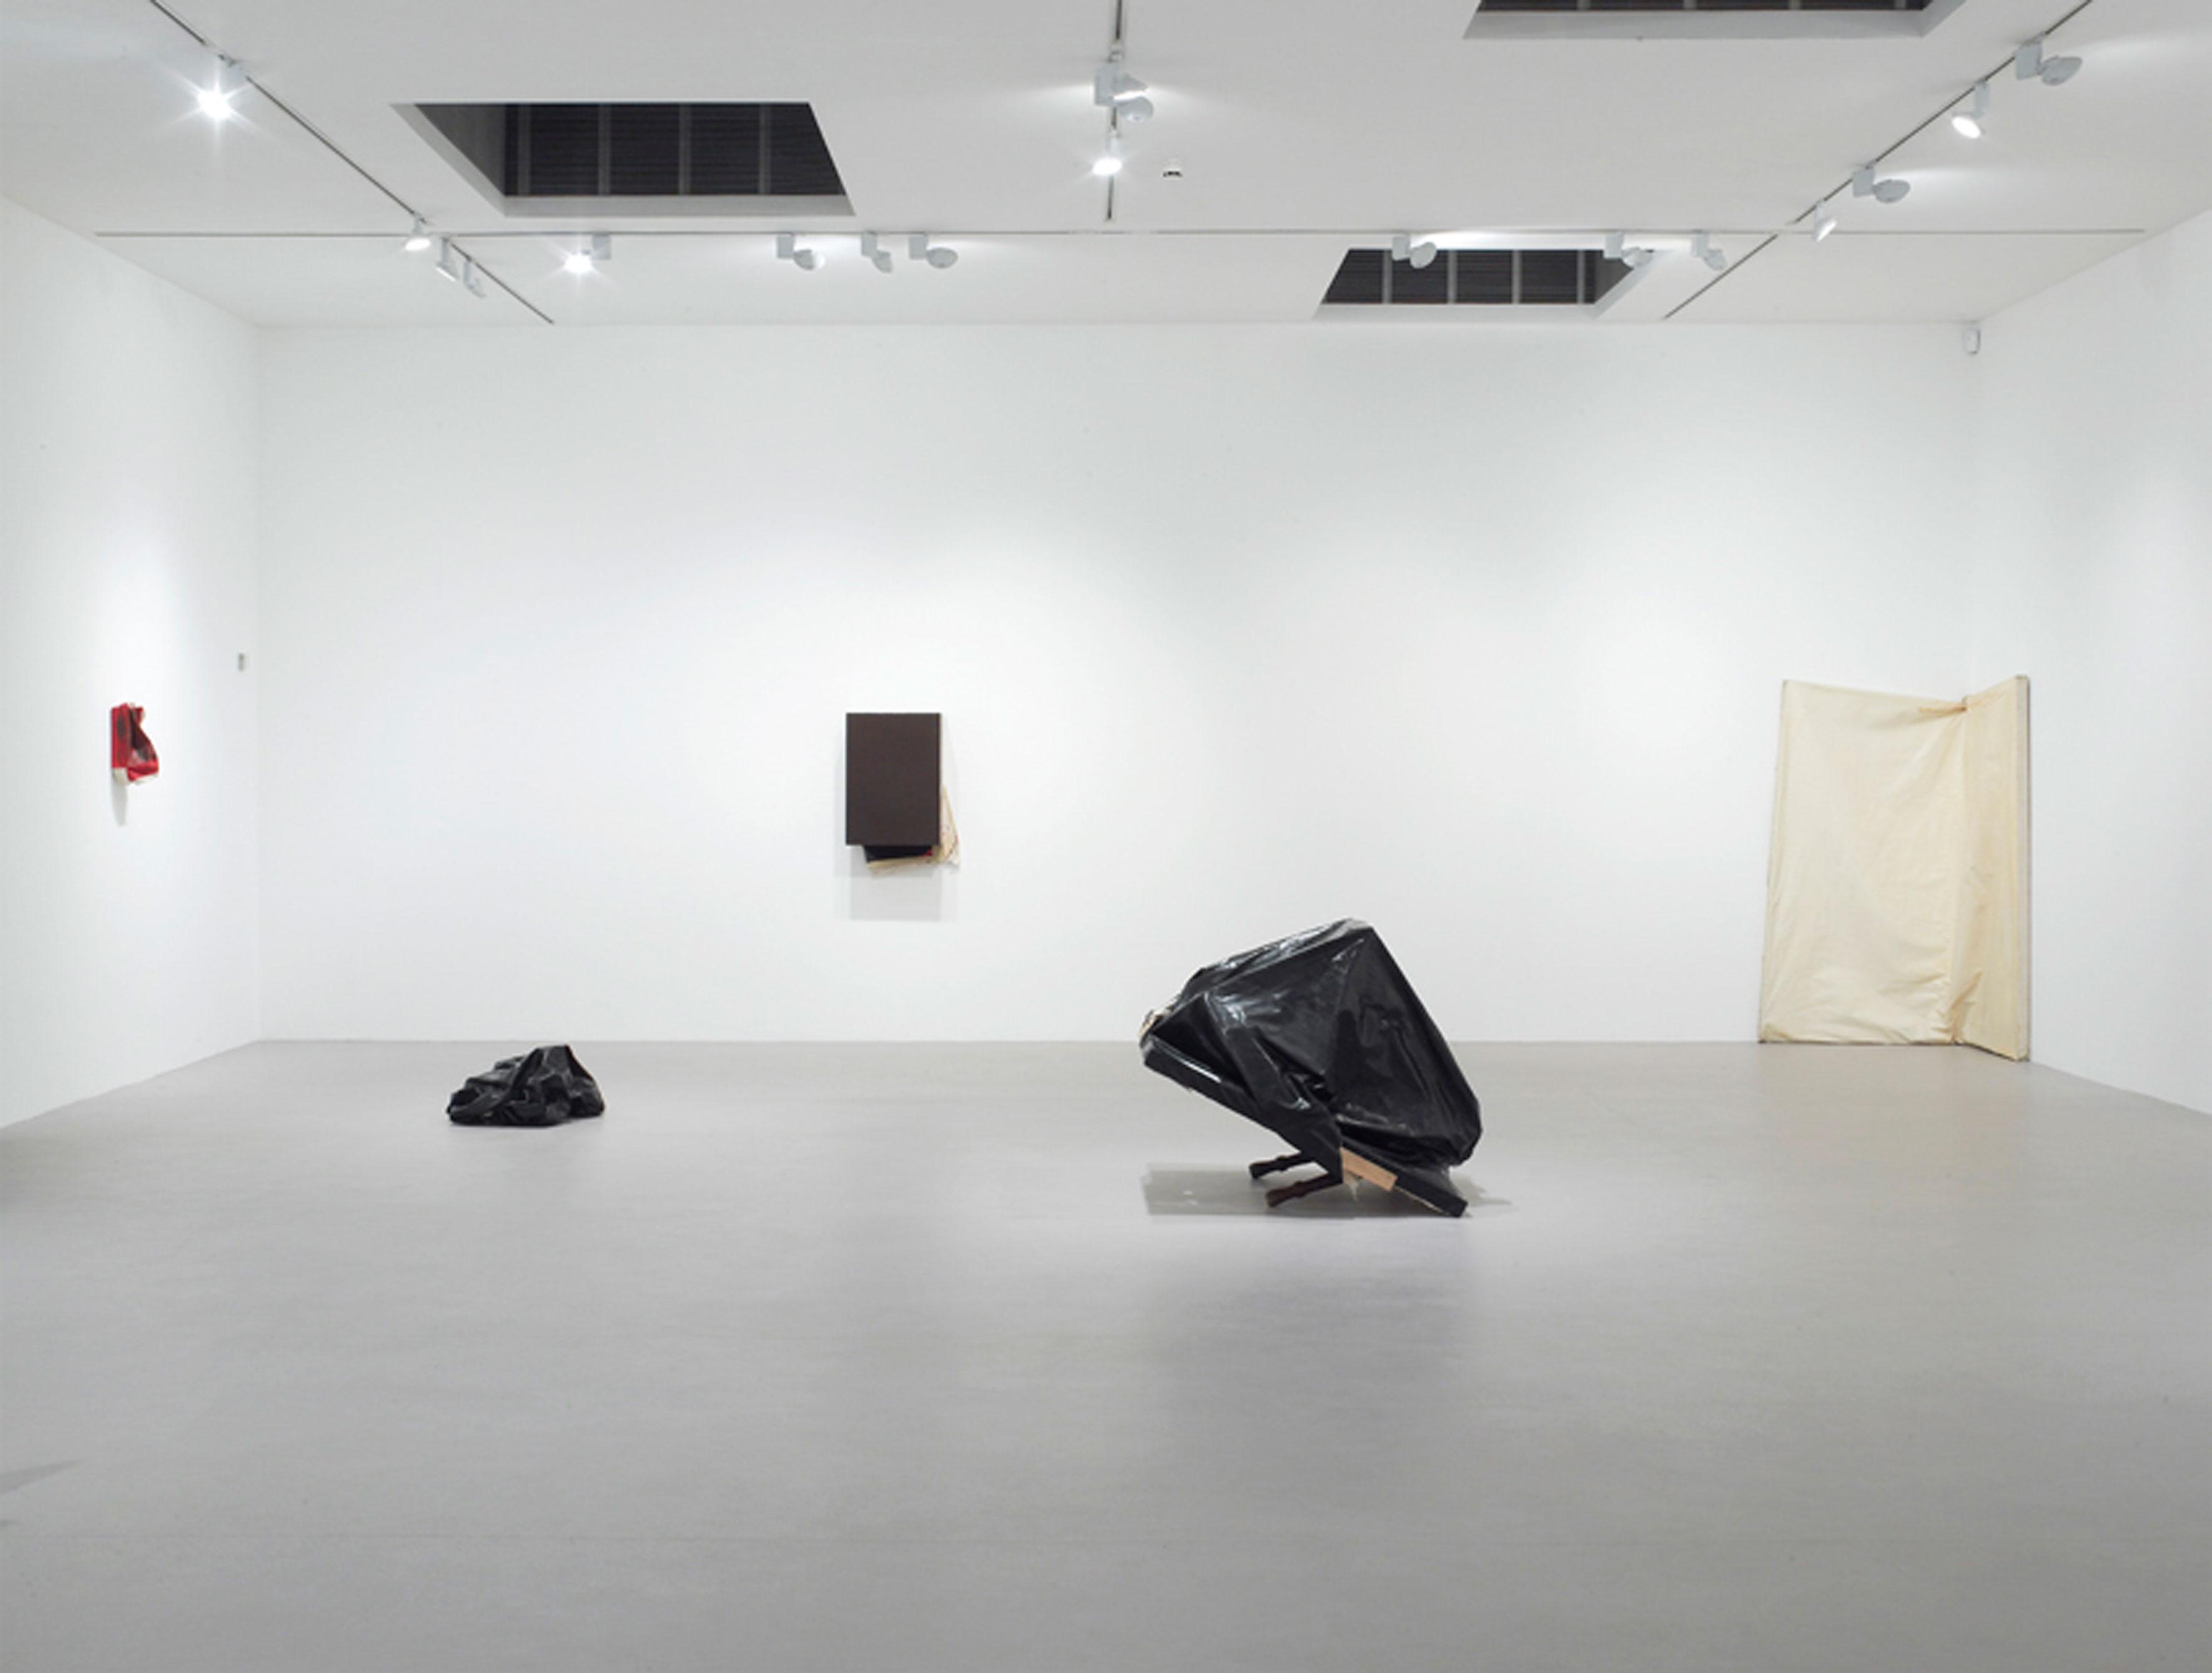 Ángela de la Cruz (2010) - After